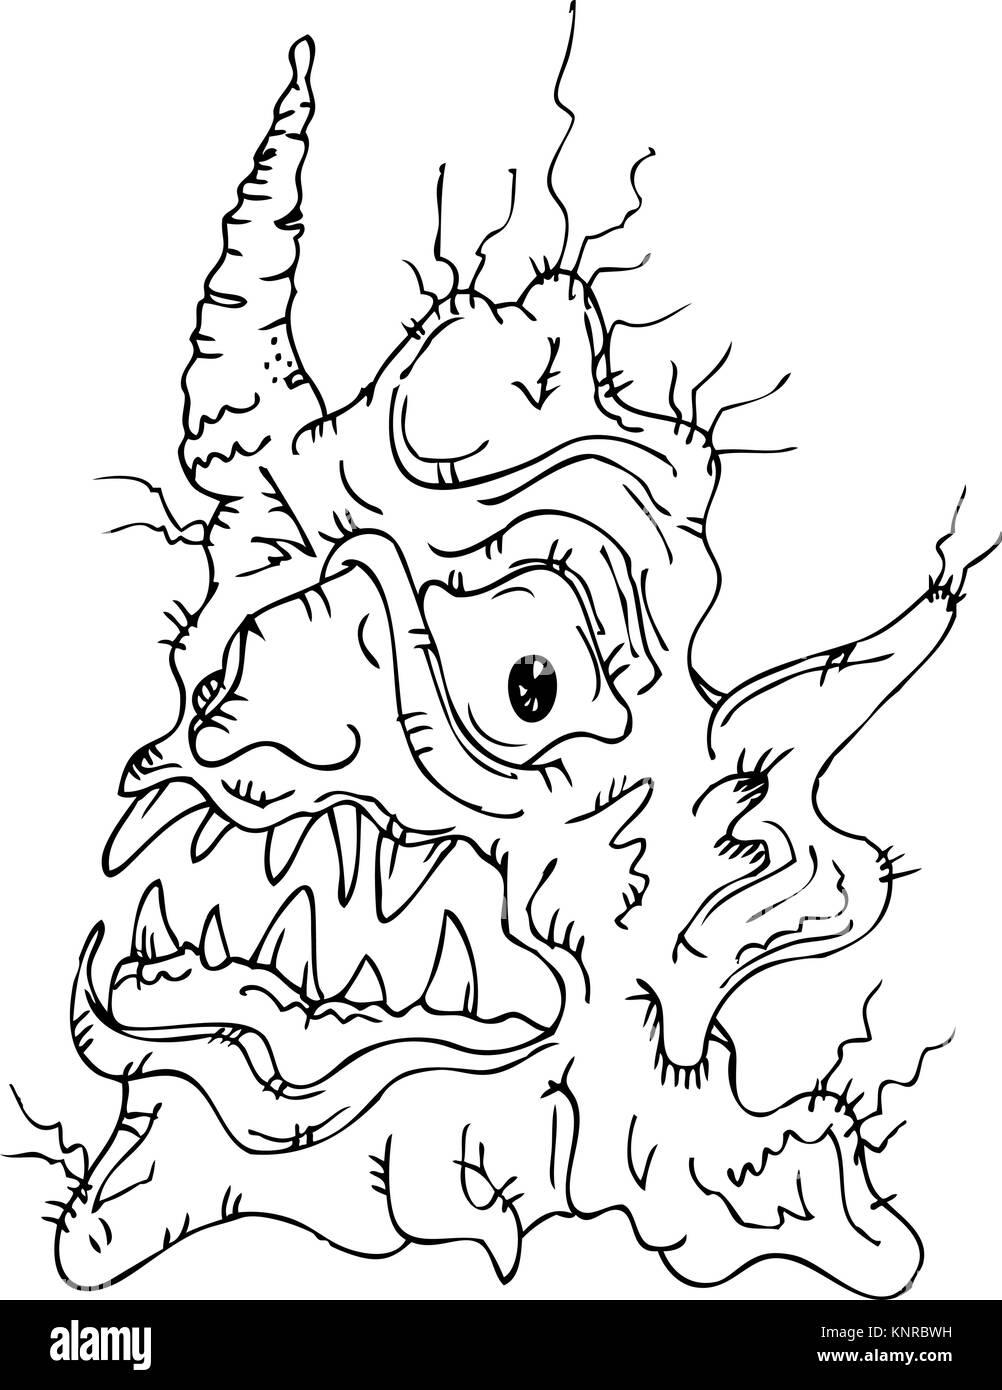 Fairy horrible criatura fantástica (vector cartoon outline ilustración gráfica) Ilustración del Vector